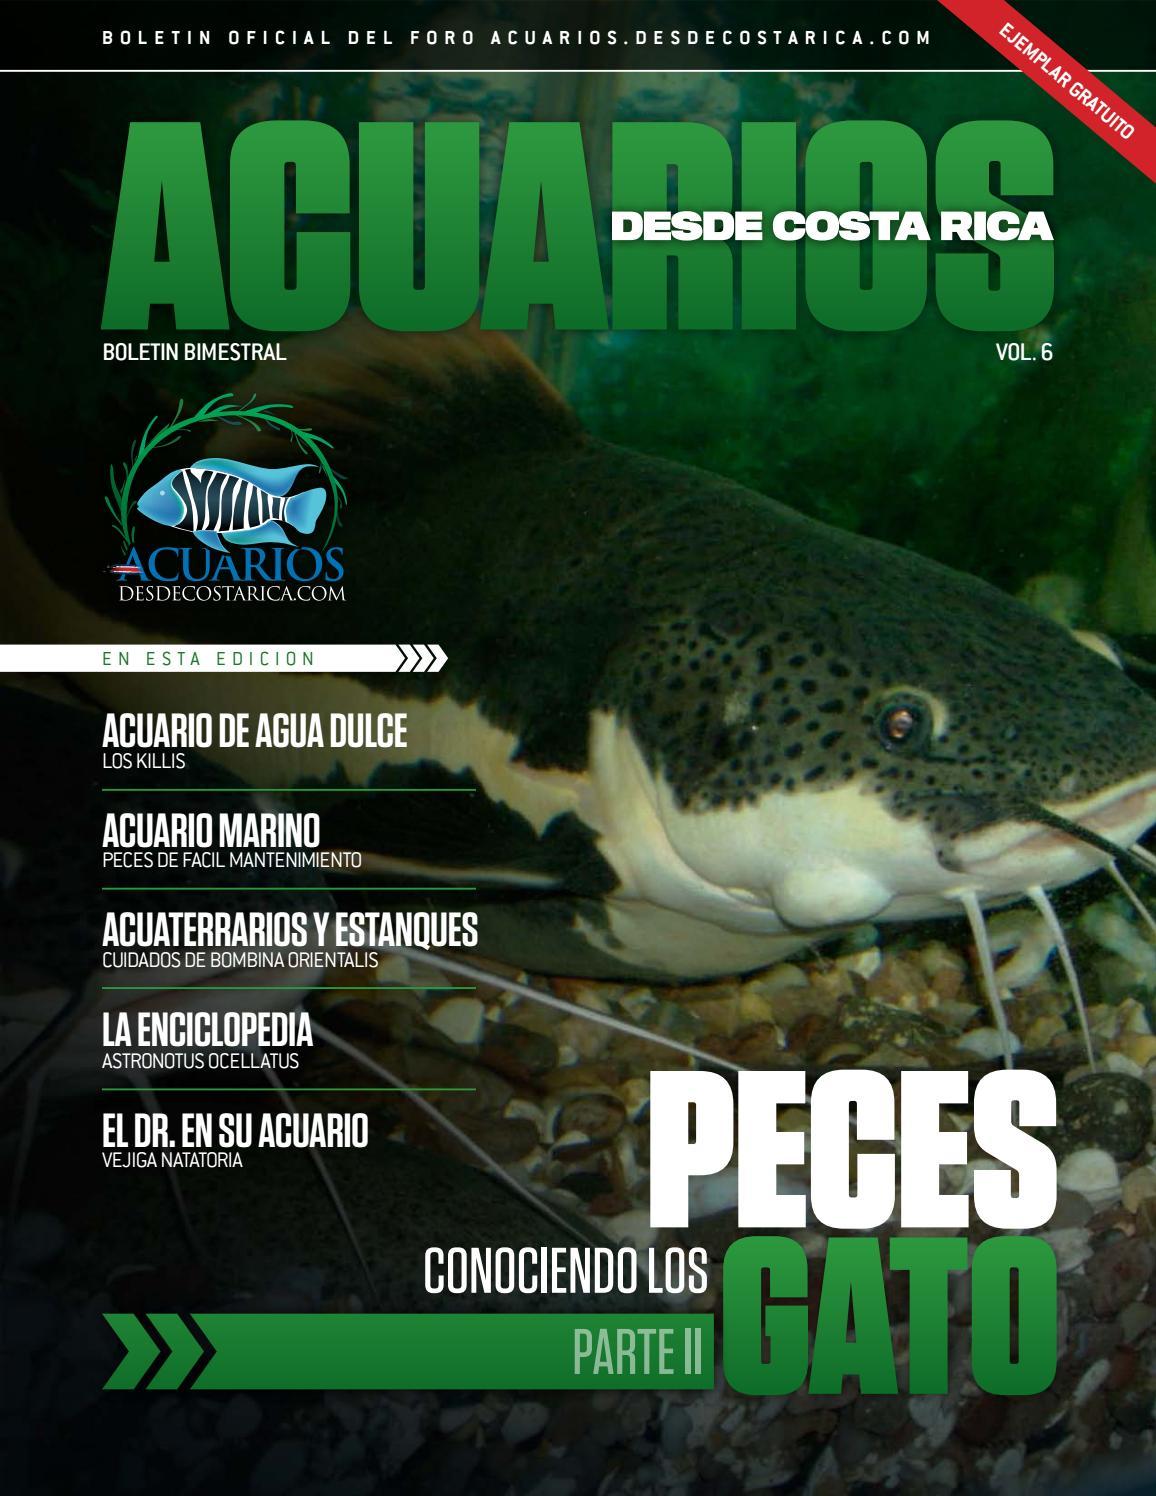 Revista acuarios desde costa rica vol 6 by la magia de los for Peces ornamentales acuarios